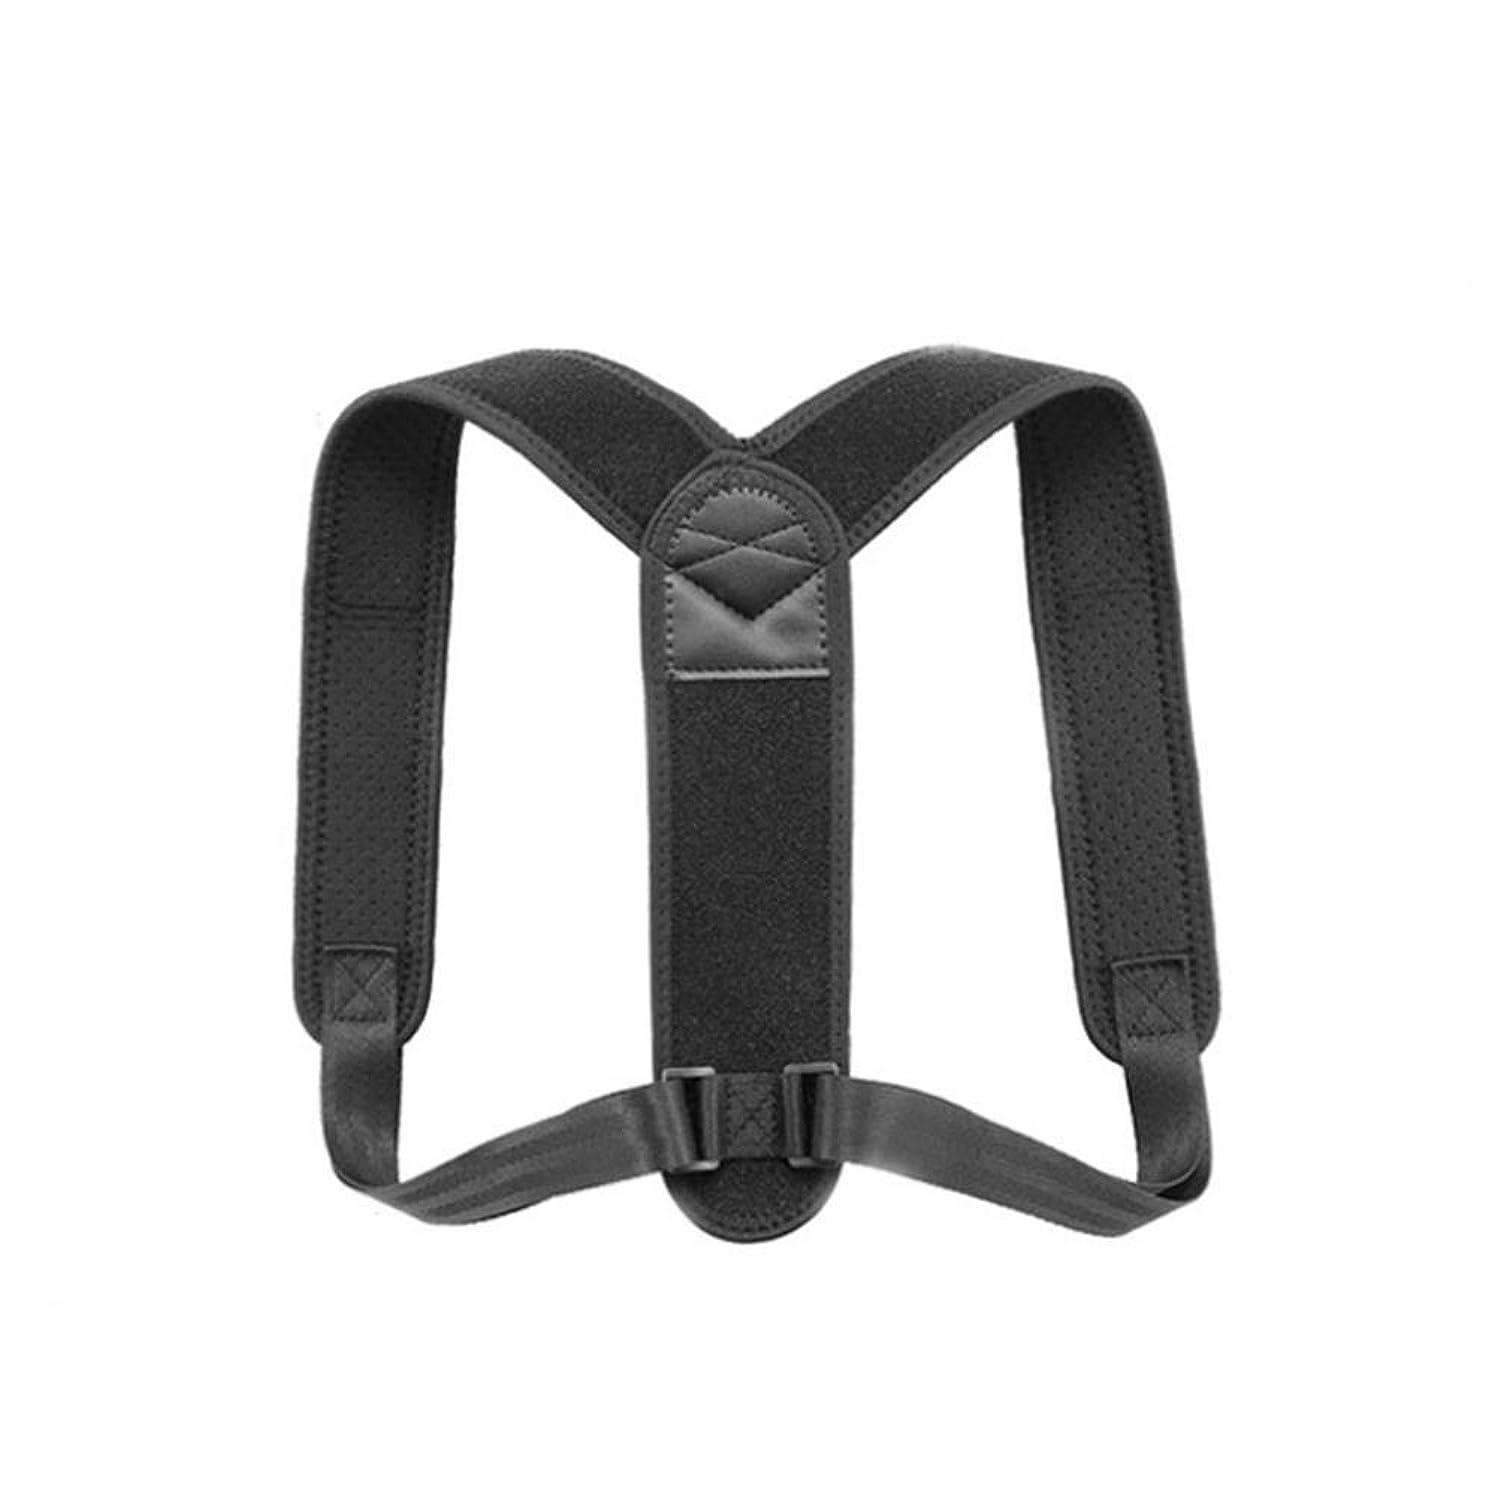 活力距離インペリアルBrill(ブリーオ)姿勢矯正器姿勢トレーナーストレイテナー体に関連した健康で直立した姿勢のための通気性の平らな鉄男性、女性、子供のための背中と肩の痛み調節可能なサイズ